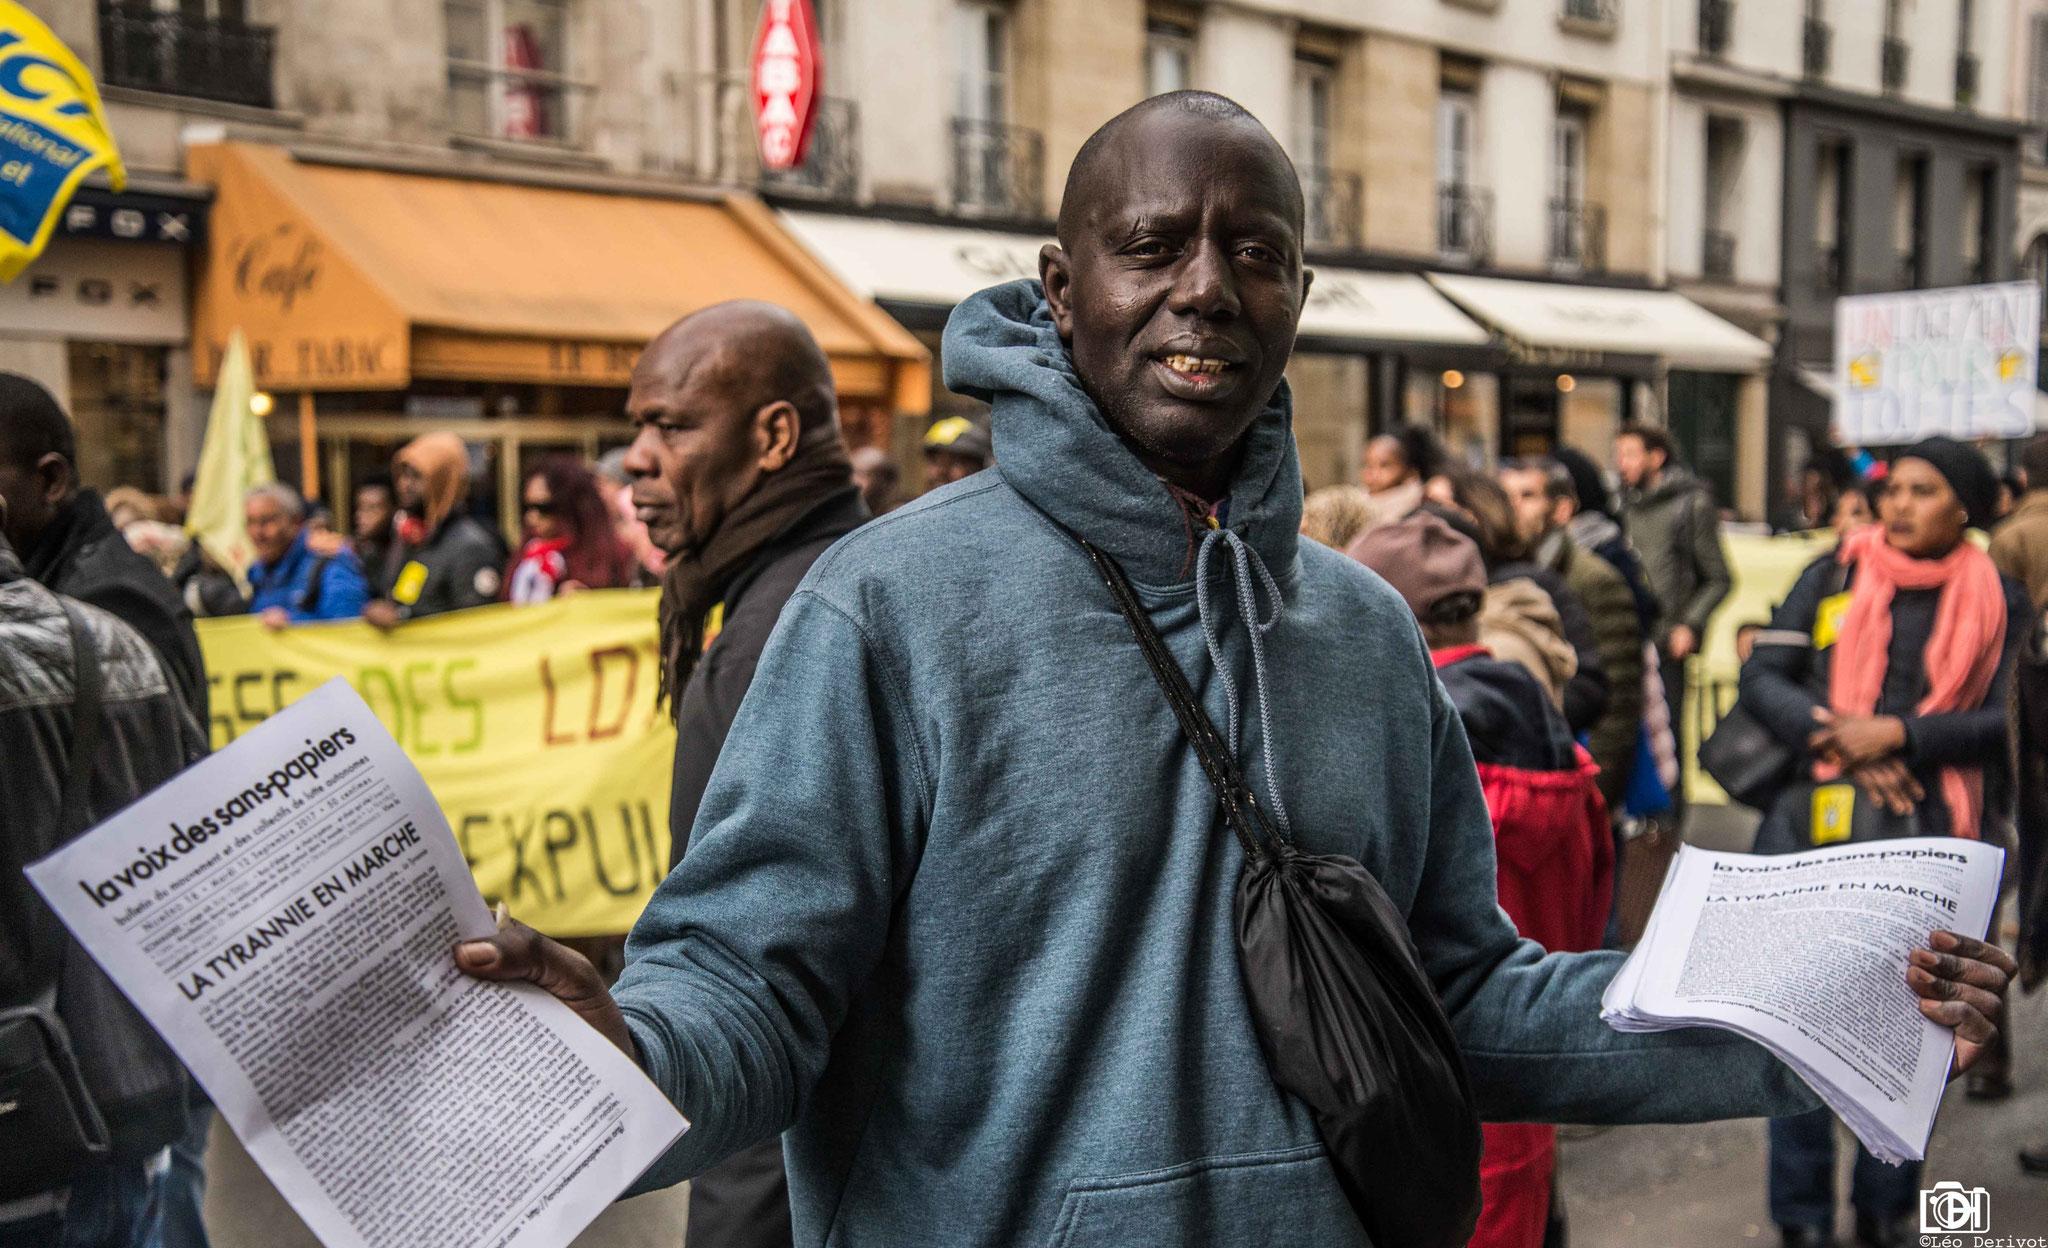 Manifestation Parisienne de soutien aux migrants, 31 Mars 2018